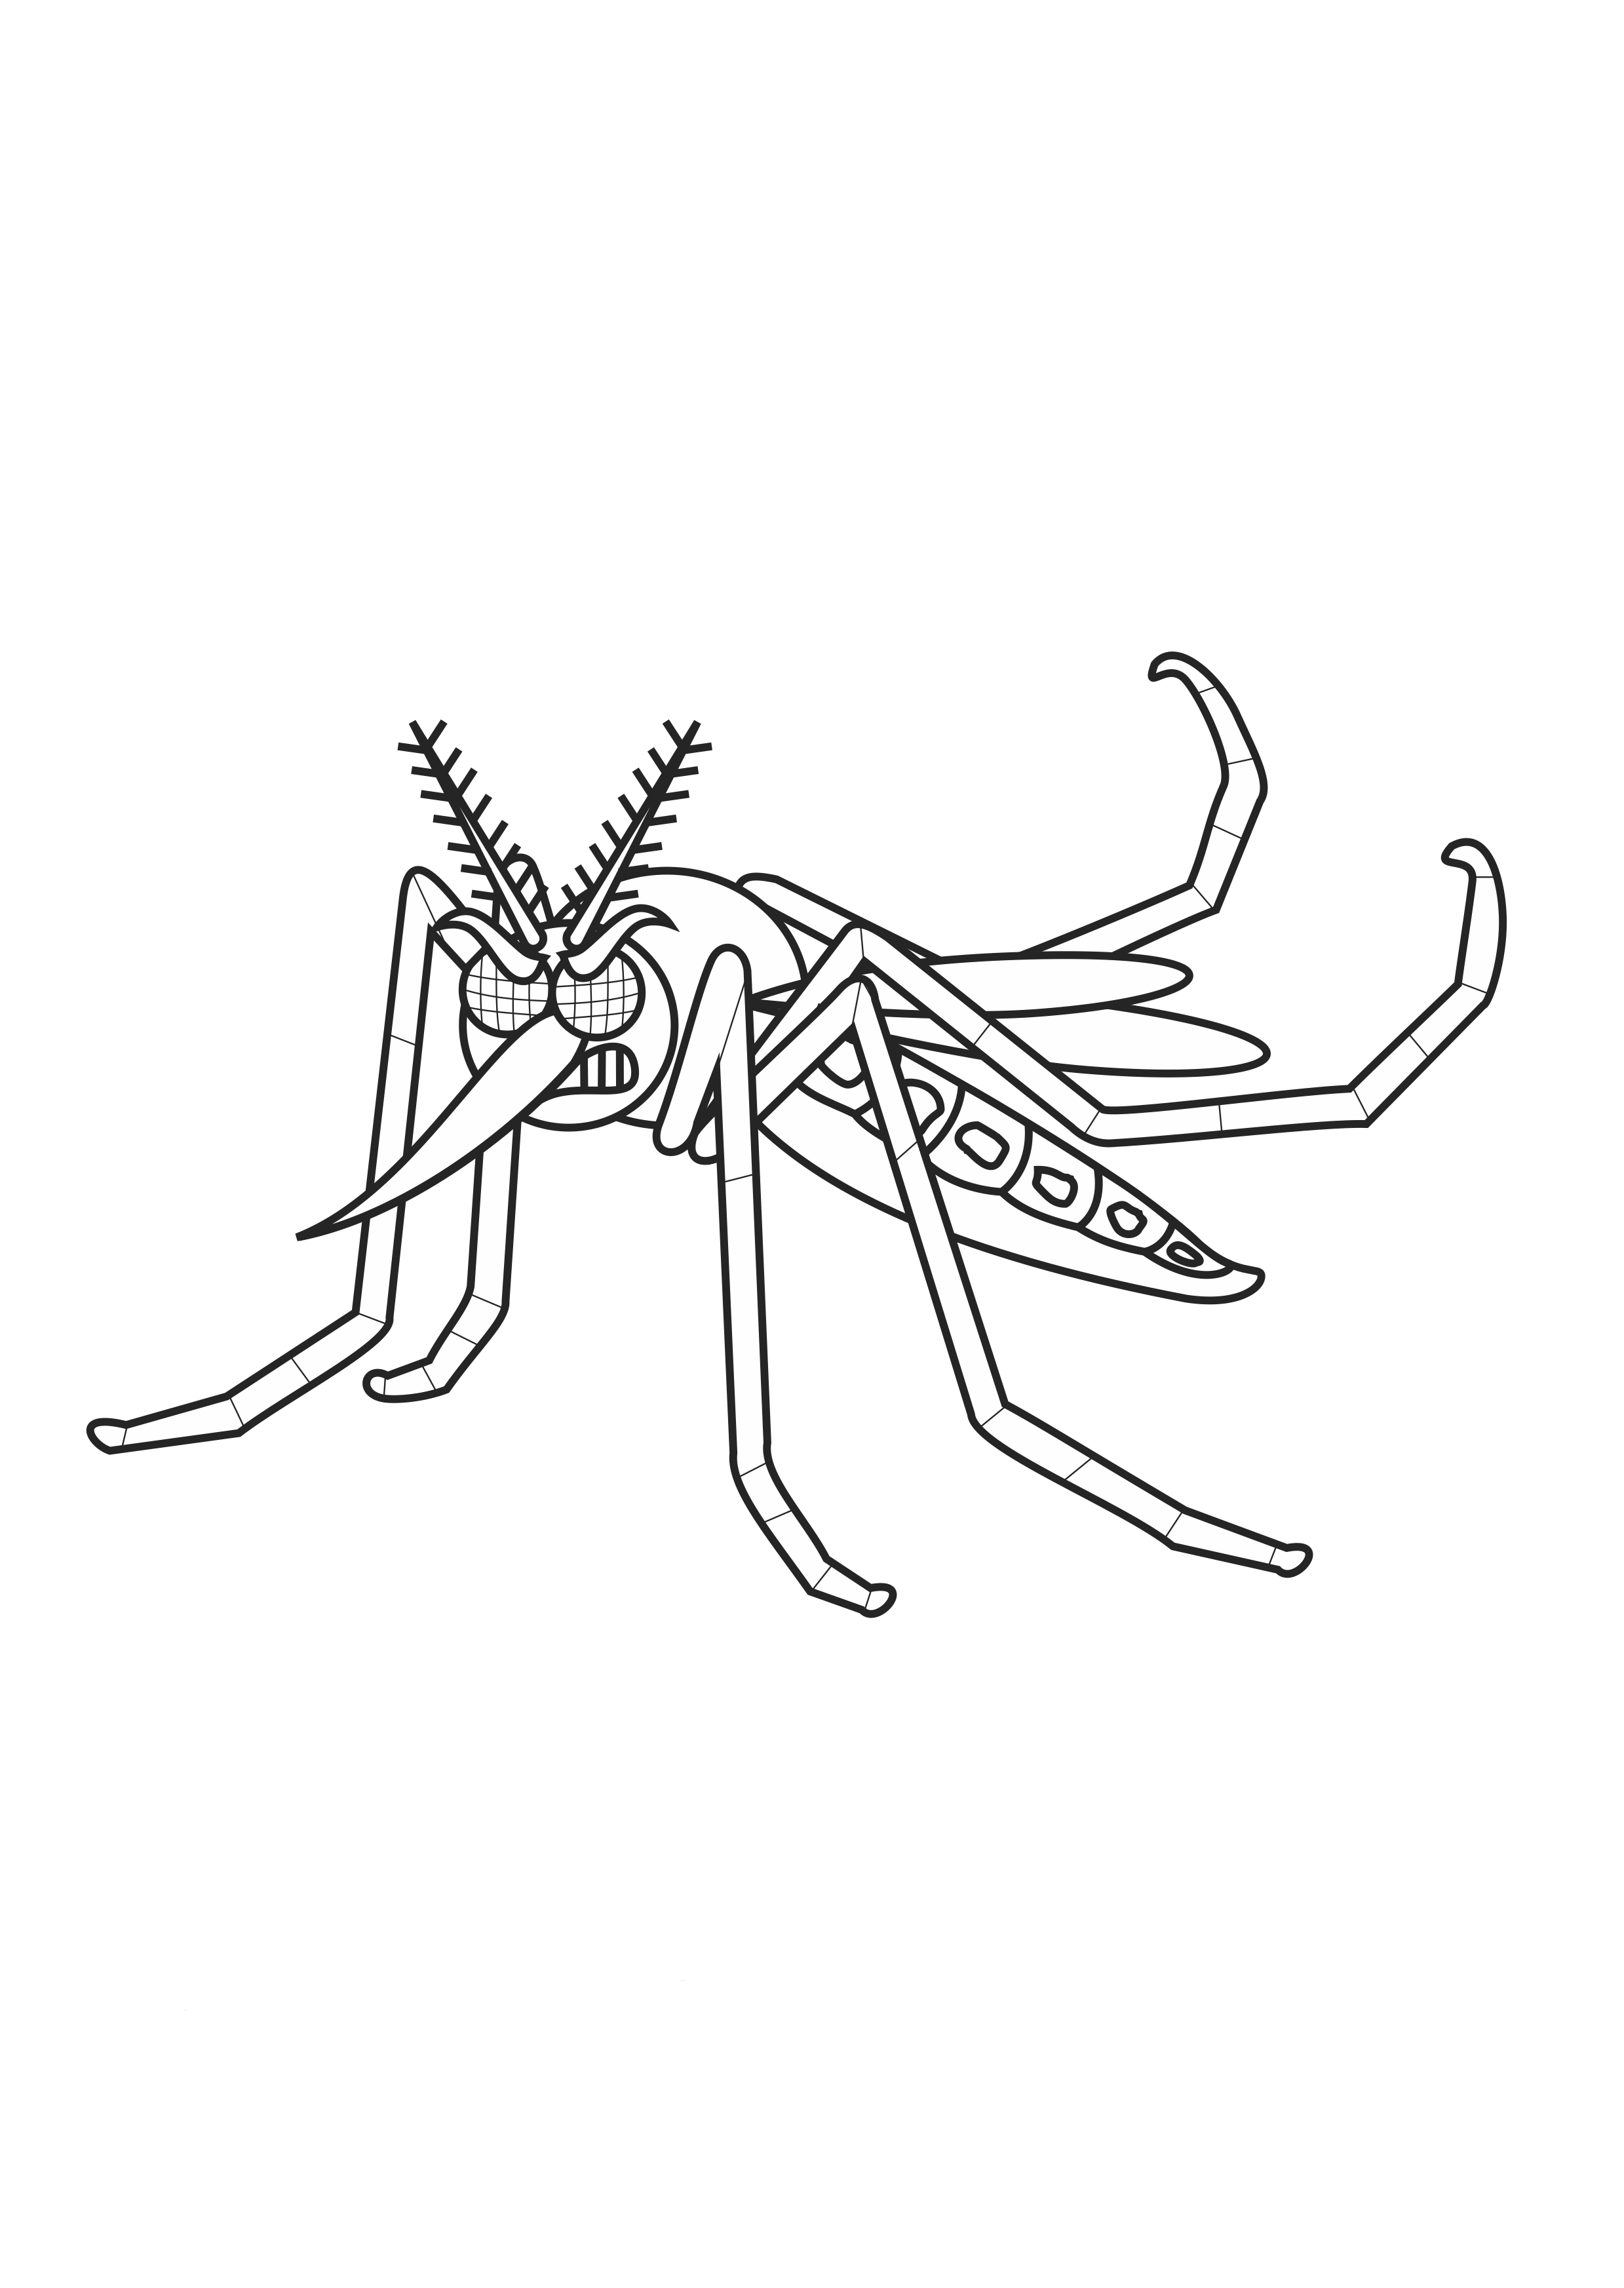 desenho de dengue transmissor de zika virus para colorir tudodesenhos